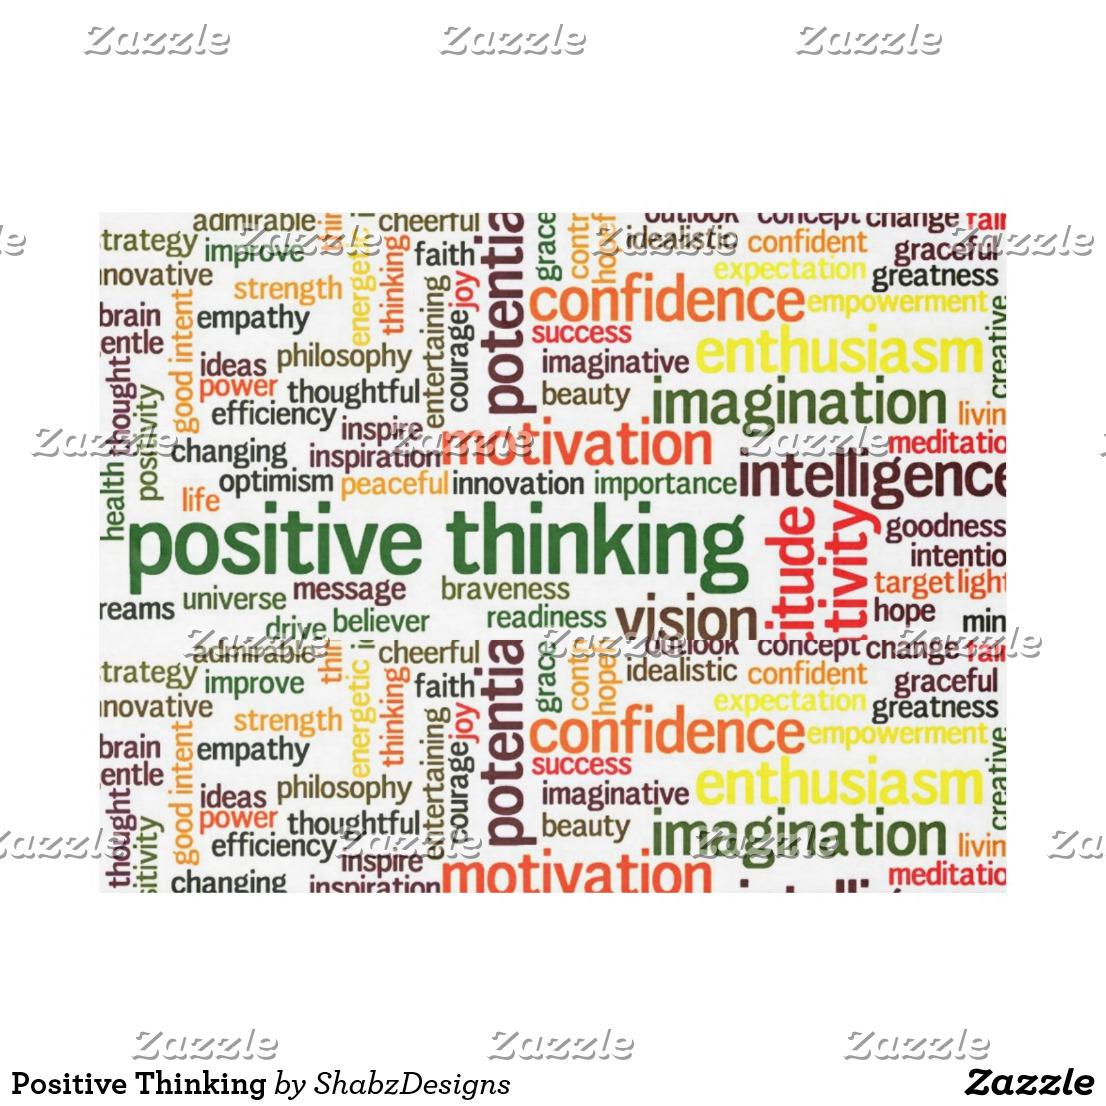 Positive Thinking Fleece Blanket Image